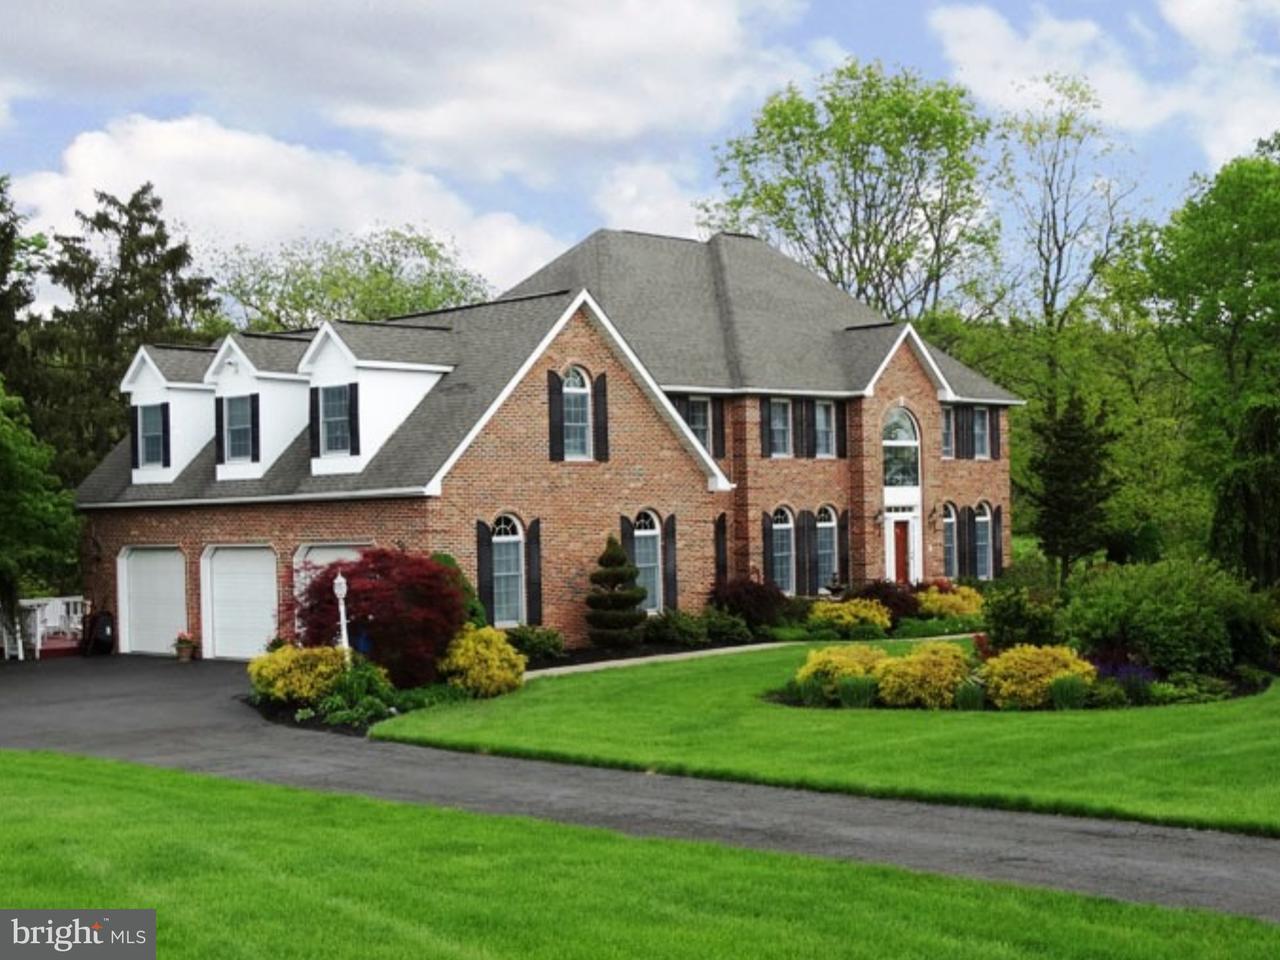 Casa Unifamiliar por un Alquiler en 14 DEVONSHIRE Drive New Hope, Pennsylvania 18938 Estados UnidosEn/Alrededor: Solebury Township